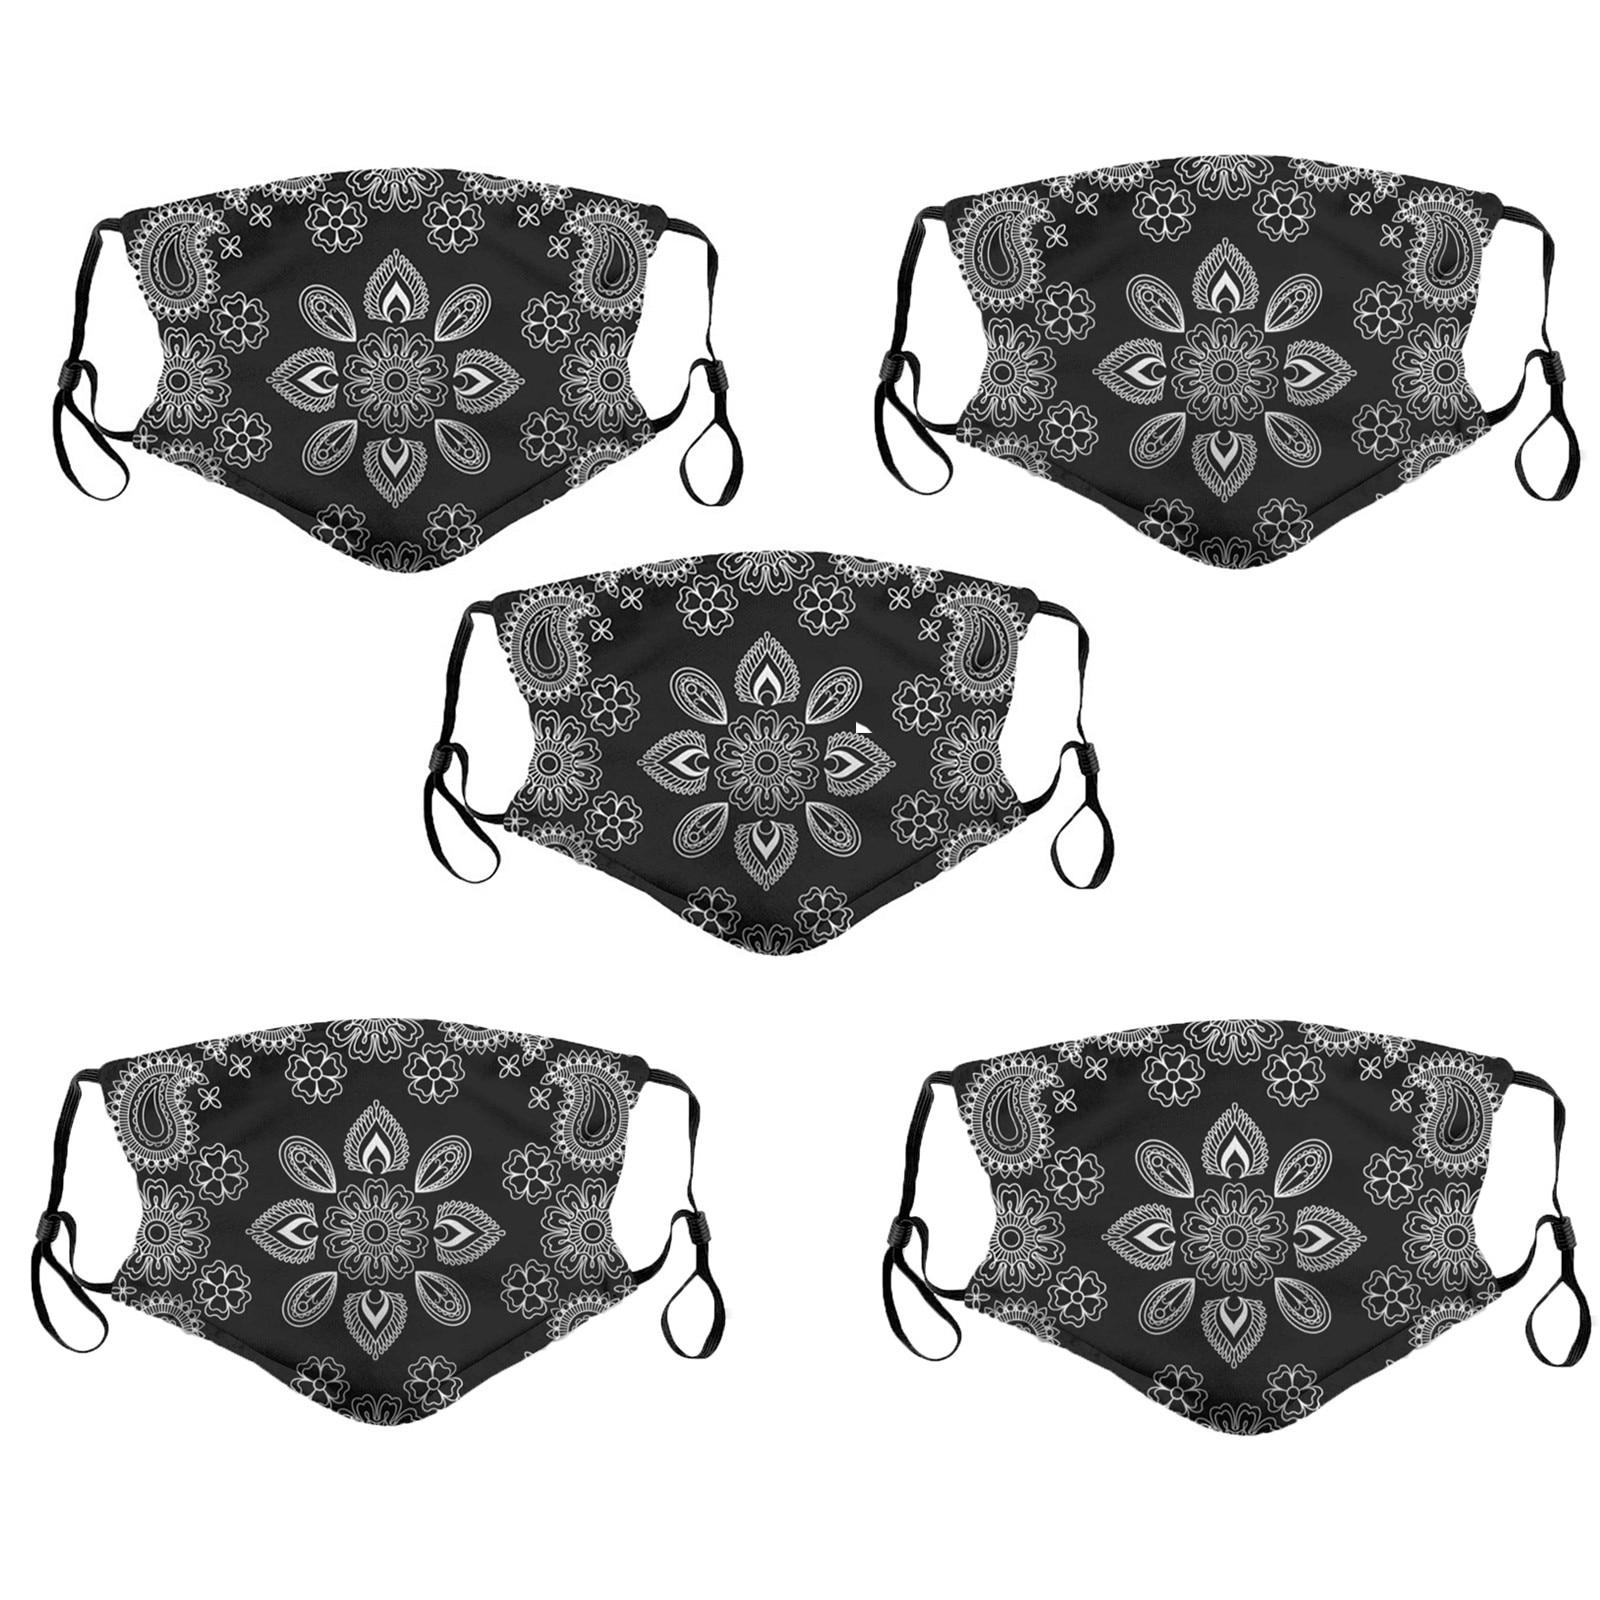 Masque de protection en coton lavable, respirateur, pour l'extérieur, protection contre la poussière